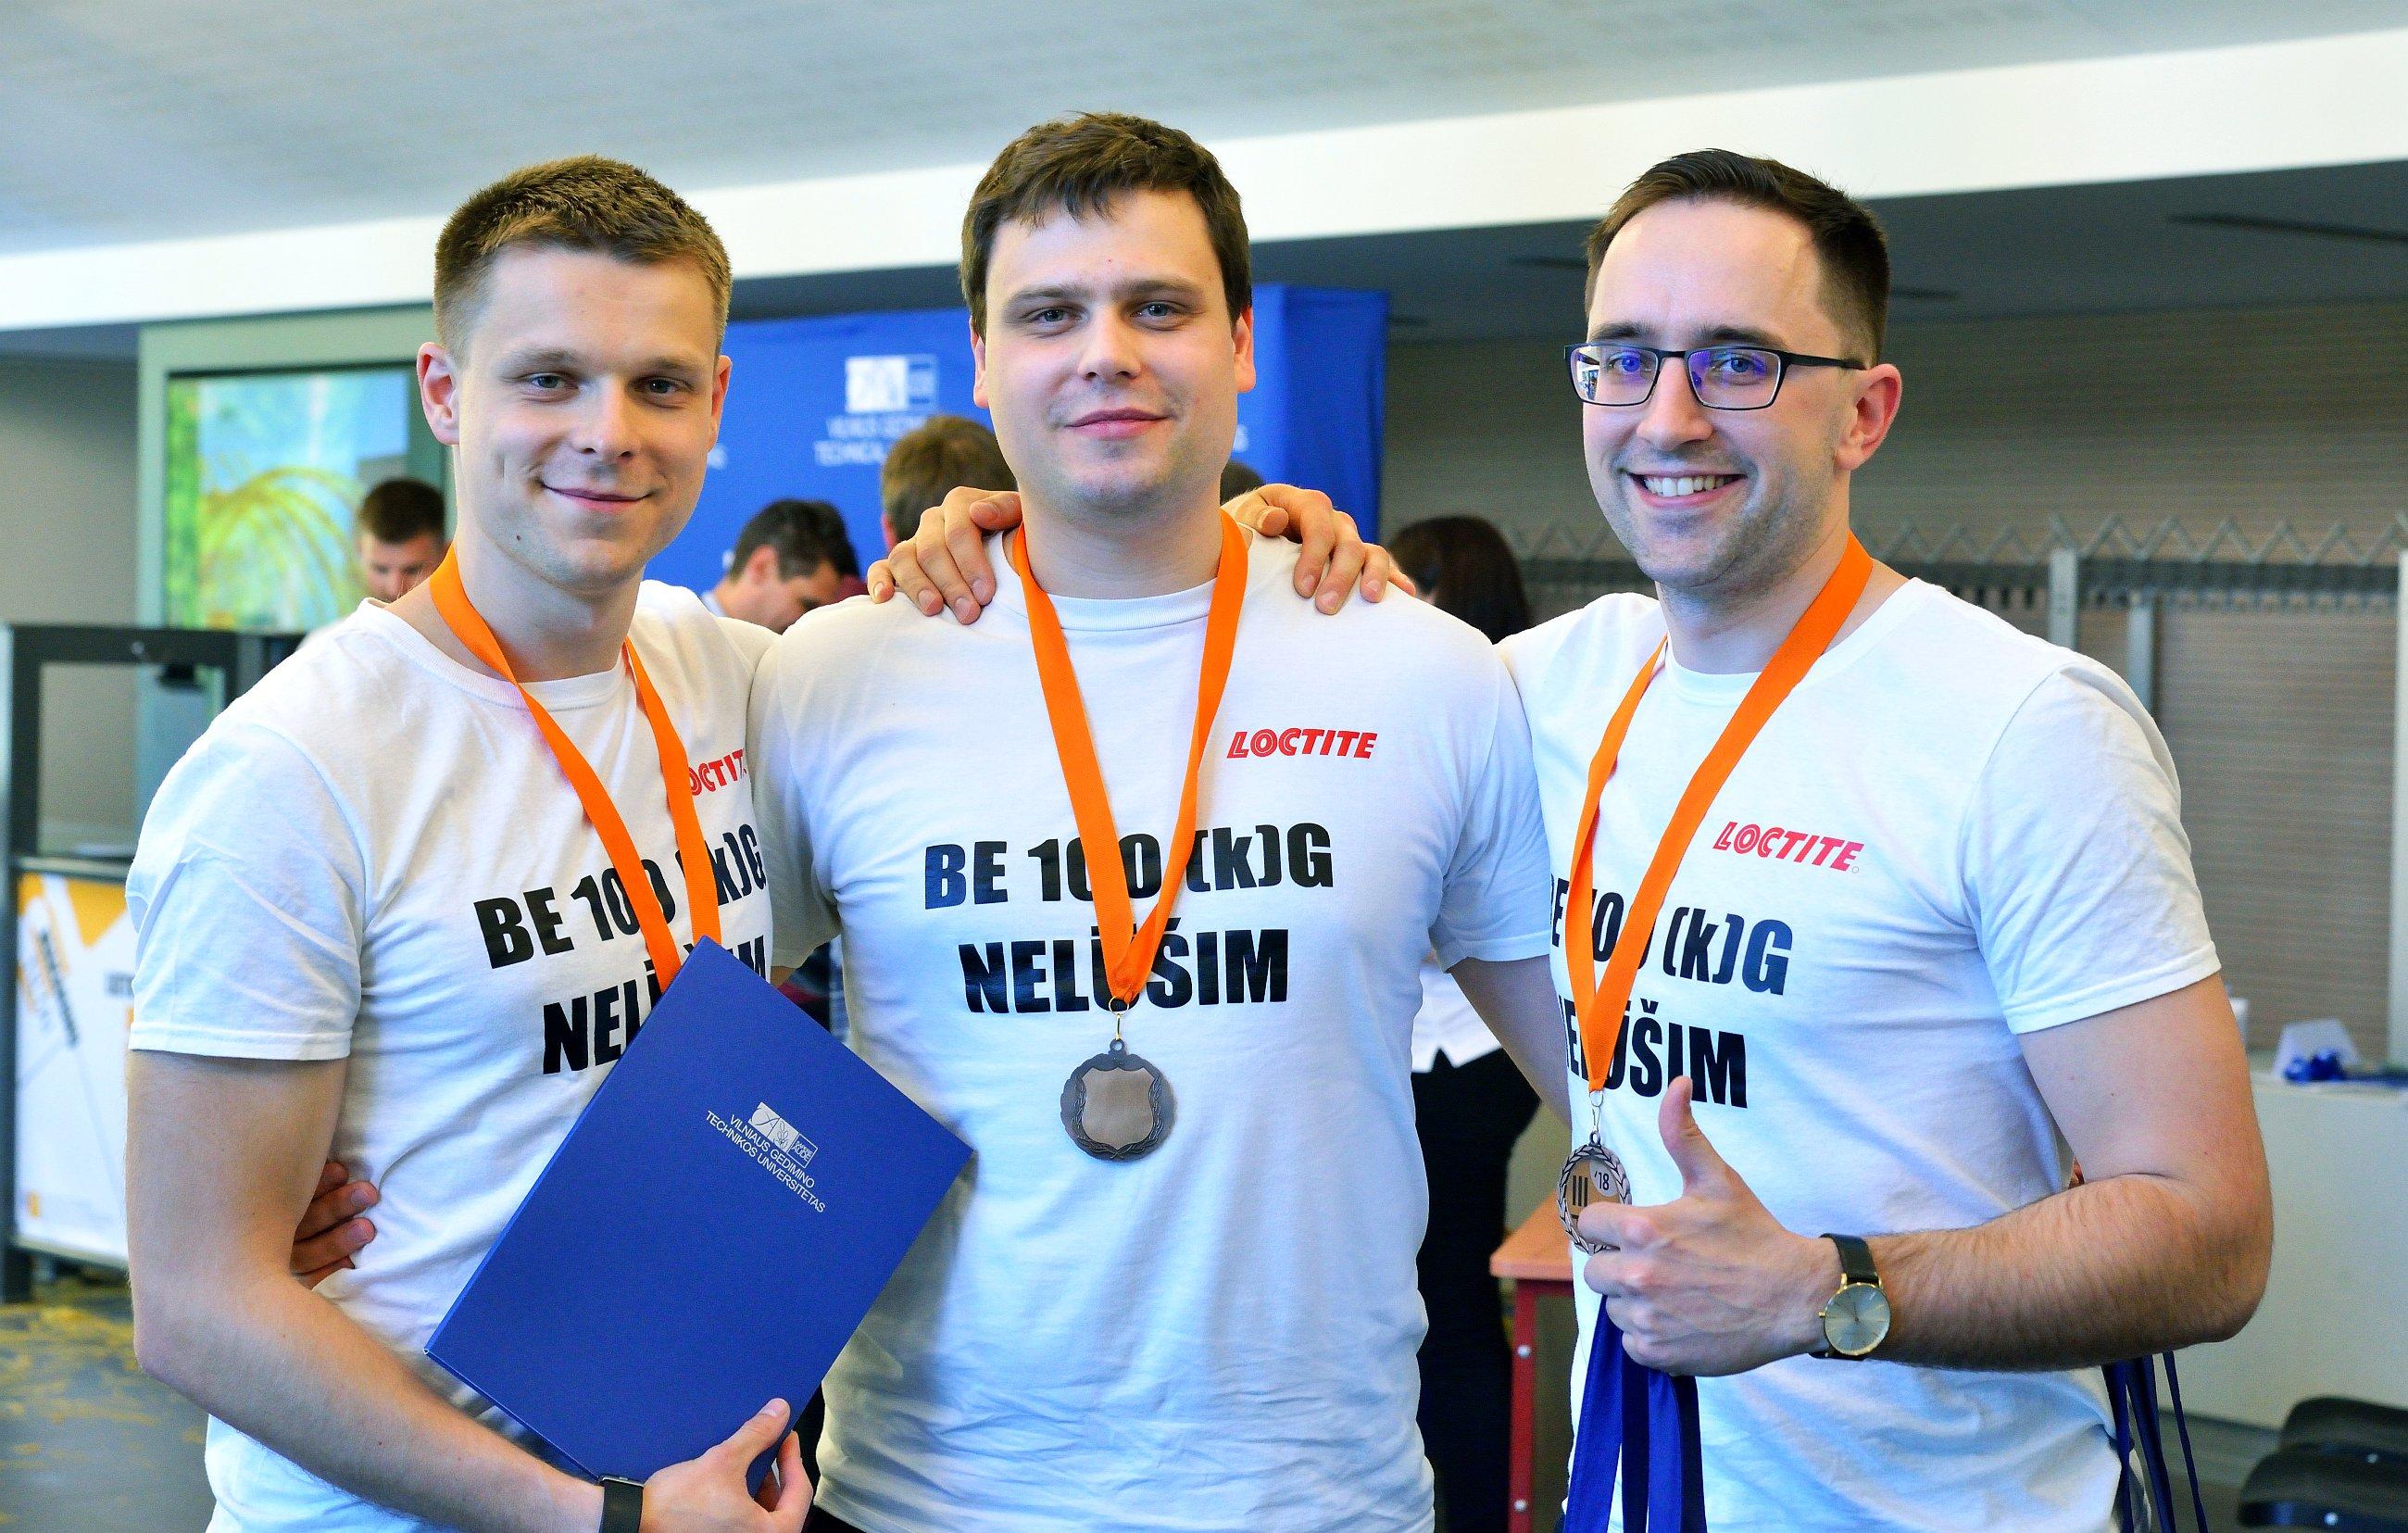 Trečios vietos nugalėtojai - VGTU absolventų komanda, čempionato veteranai Be 100 kg nelūšim